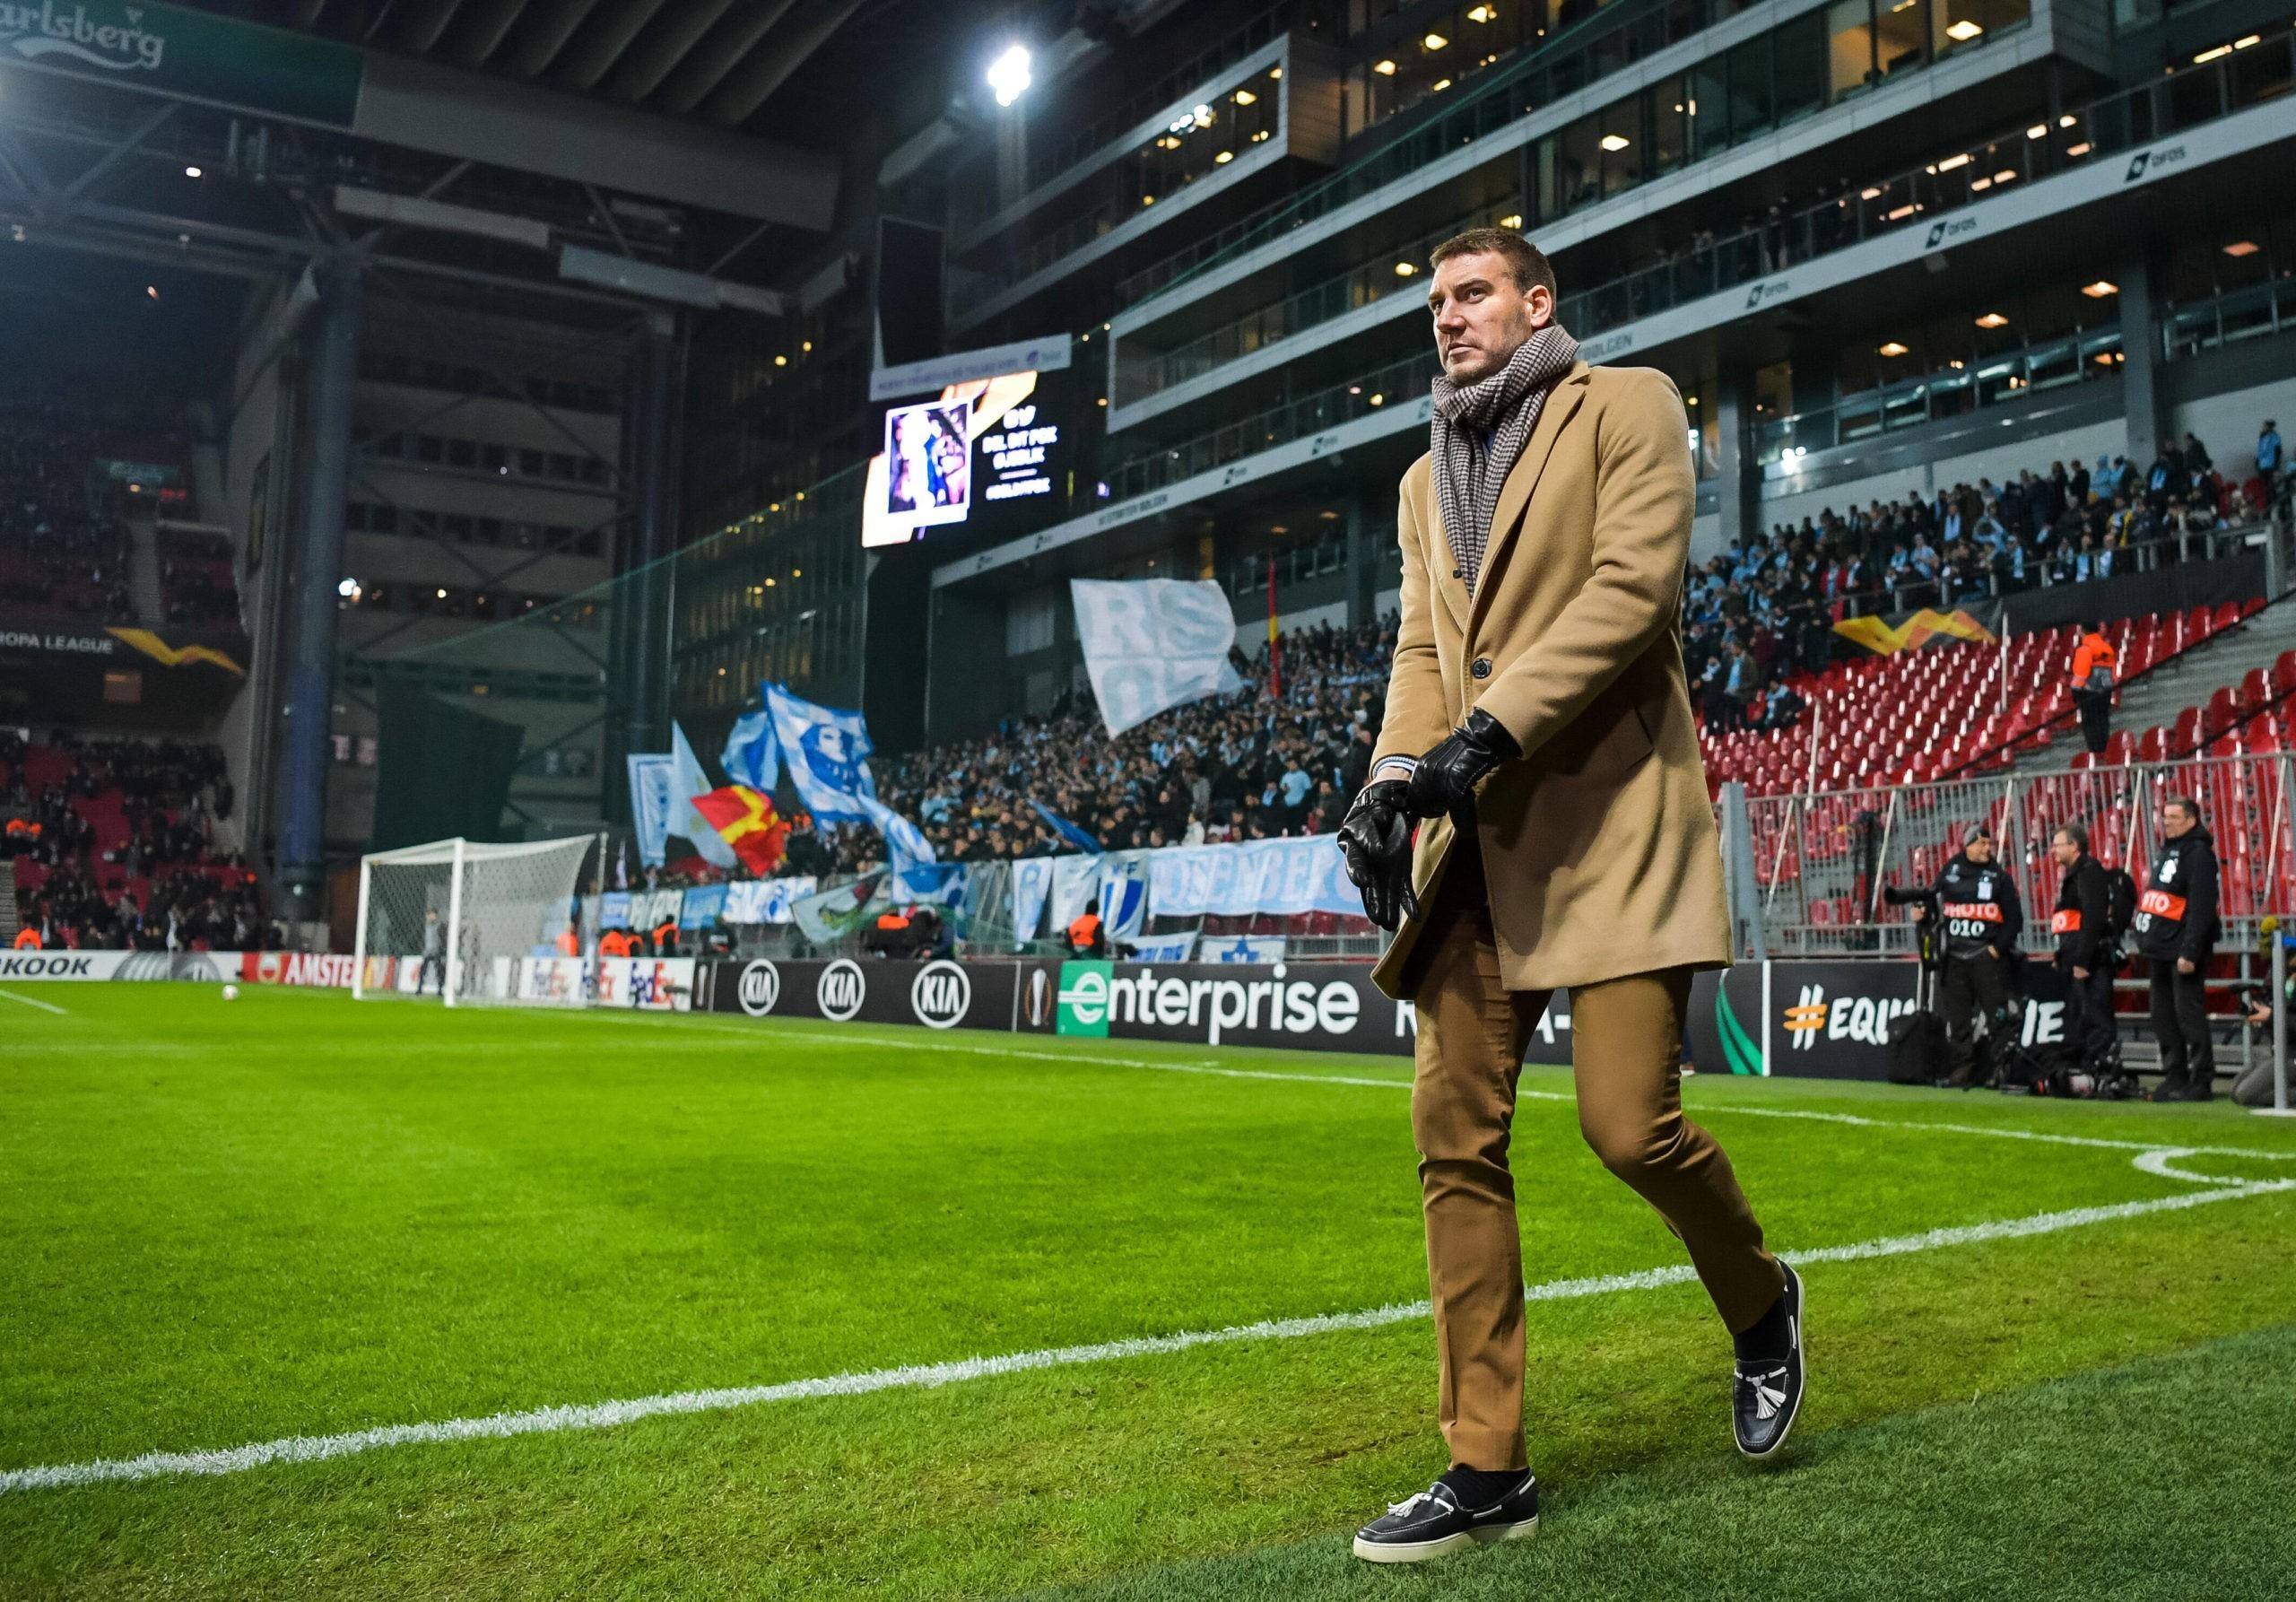 Nicklas Bendtner of FC Köpenhamn ahead of the Europa League match between FC Köpenhamn and Malmö FF on December 12, 2019 in Copenhagen. Photo: Petter Arvidson / BILDBYRAN / kod PA /